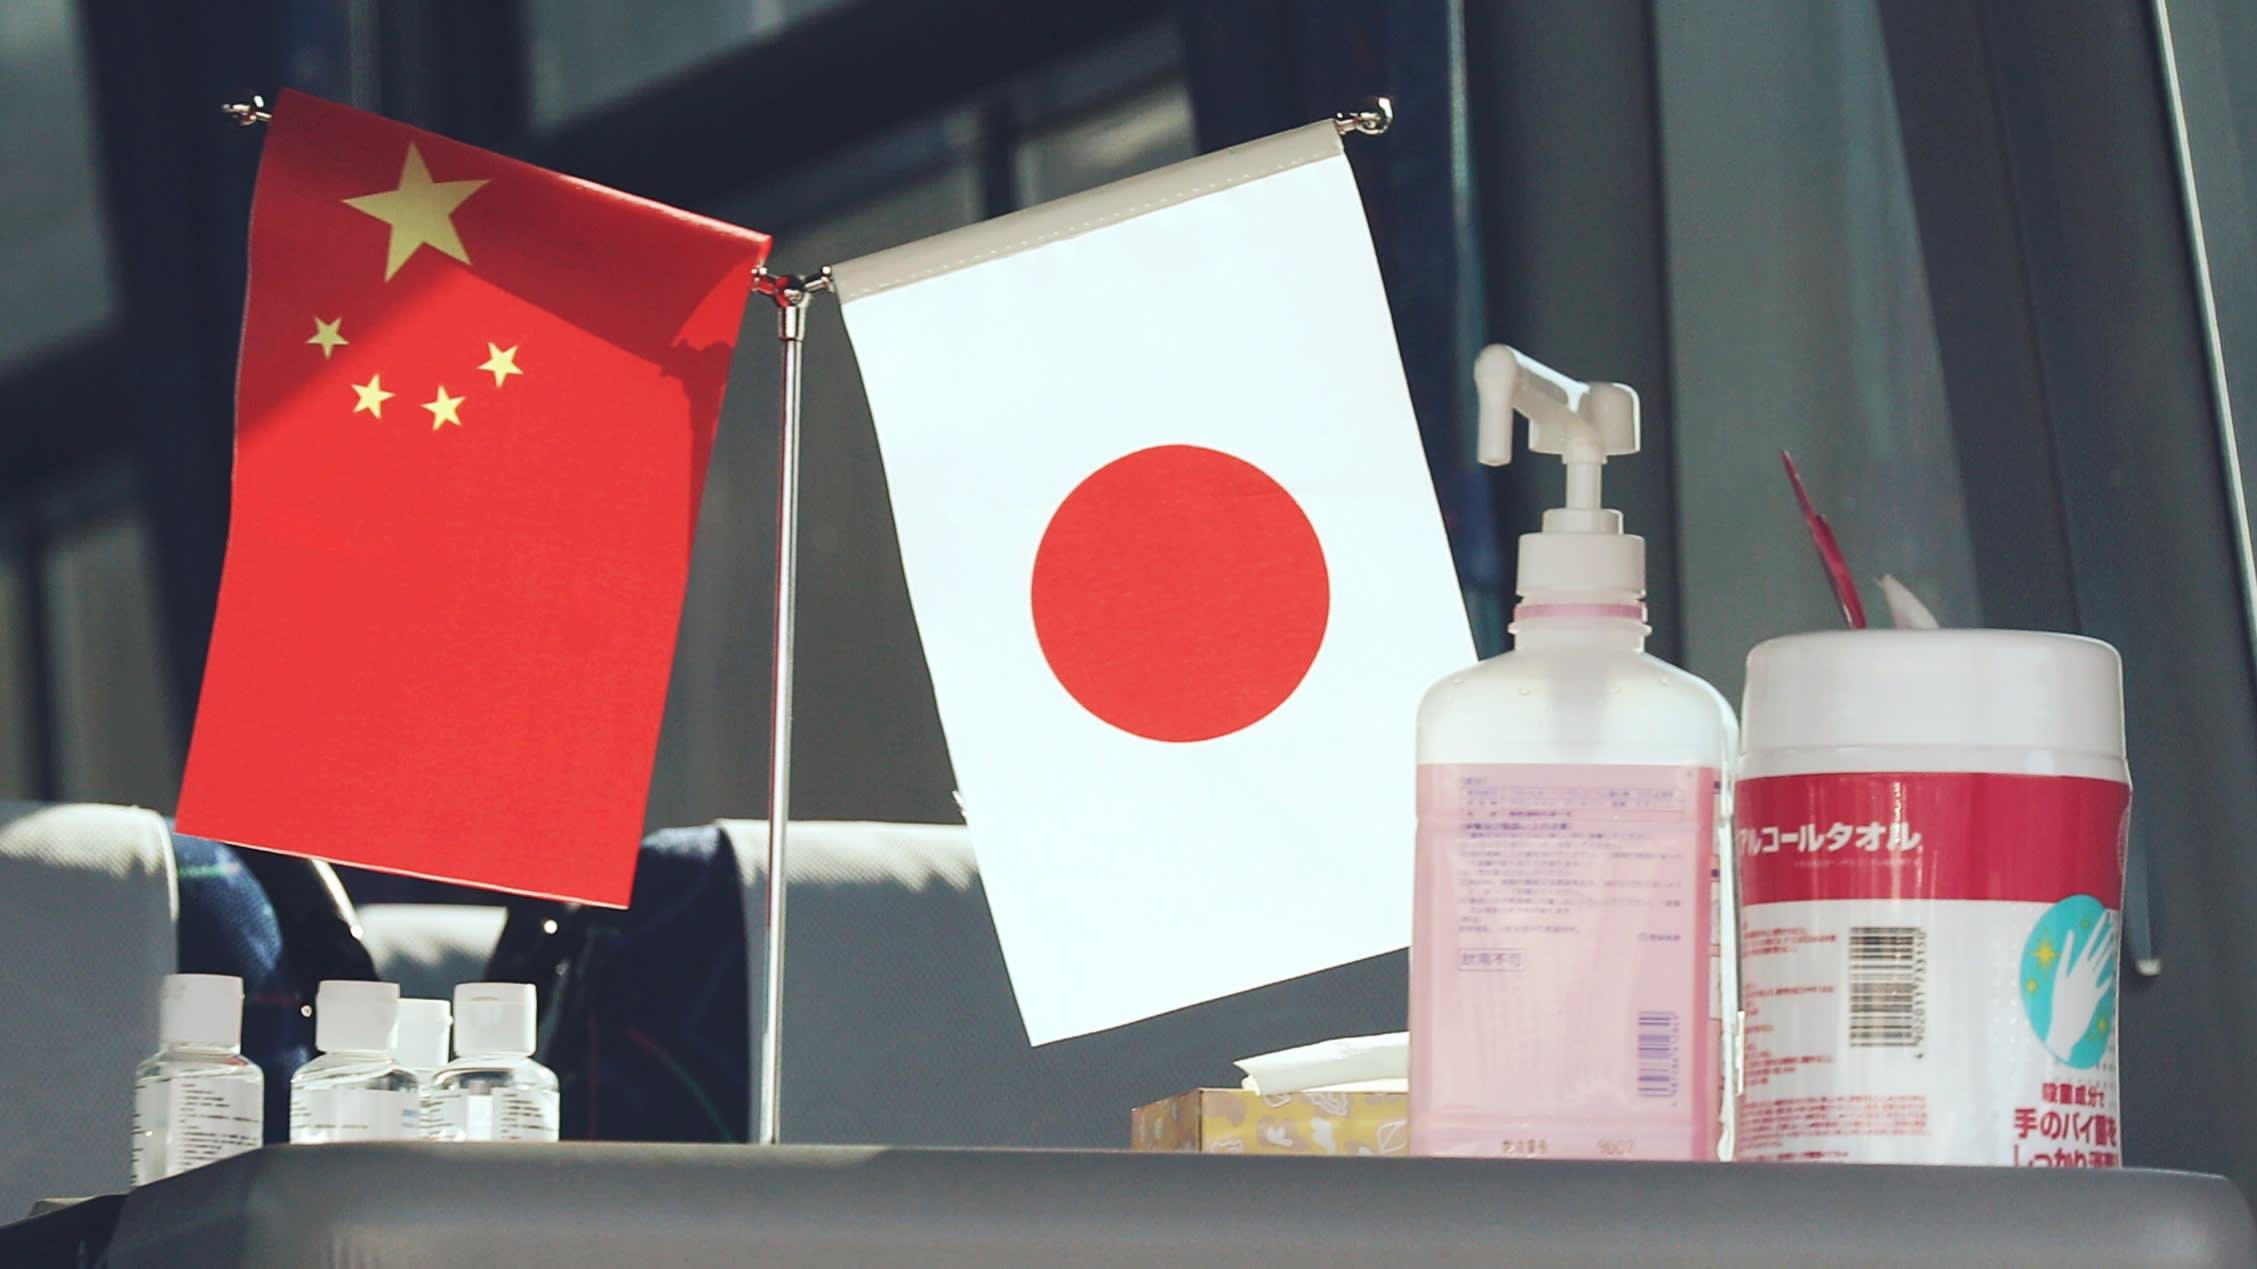 जापानमा व्यापार र पर्यटनले गति लिने संकेत, चीनसँगको व्यापार यात्रा खुल्यो